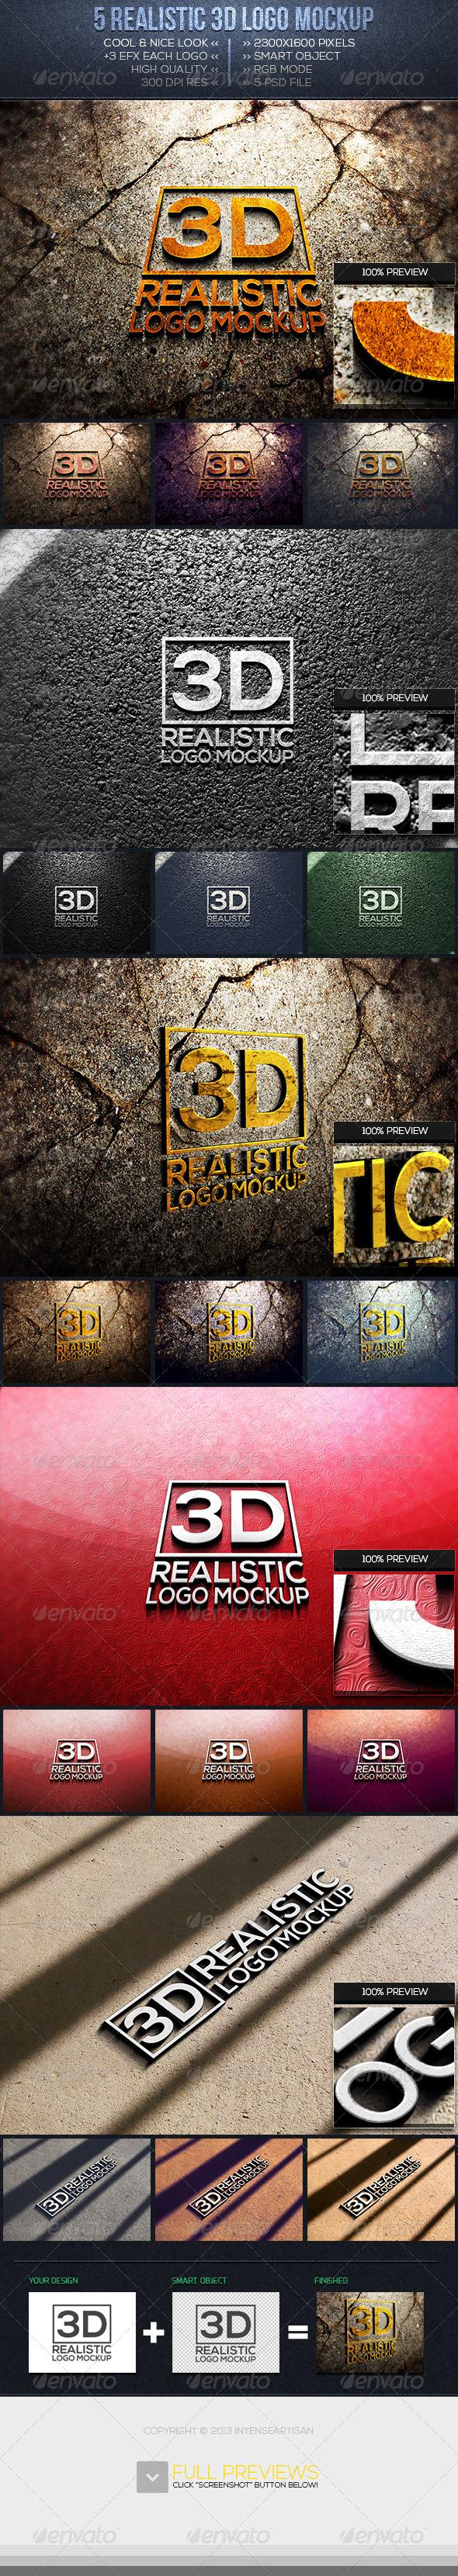 3D Logo Mockup Vol.1 - Logo Product Mock-Ups